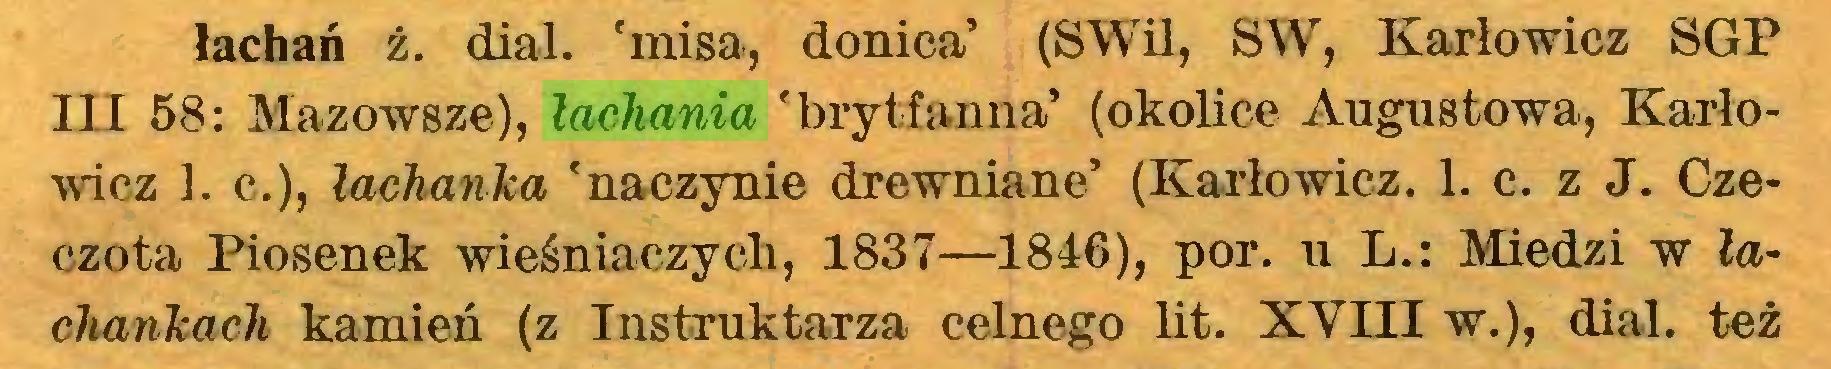 (...) łachań ż. dial, 'misa, donica' (SWil, SW, Karłowicz SGP III 58: Mazowsze), łachania 'brytfanna' (okolice Augustowa, Karłowicz ]. c.), łachanka 'naczynie drewniane' (Karłowicz. 1. c. z J. Czeczota Piosenek wieśniaczych, 1837—1846), por. u L.: Miedzi w łachankach kamień (z Instruktarza celnego lit. XVIII w.), dial, też...